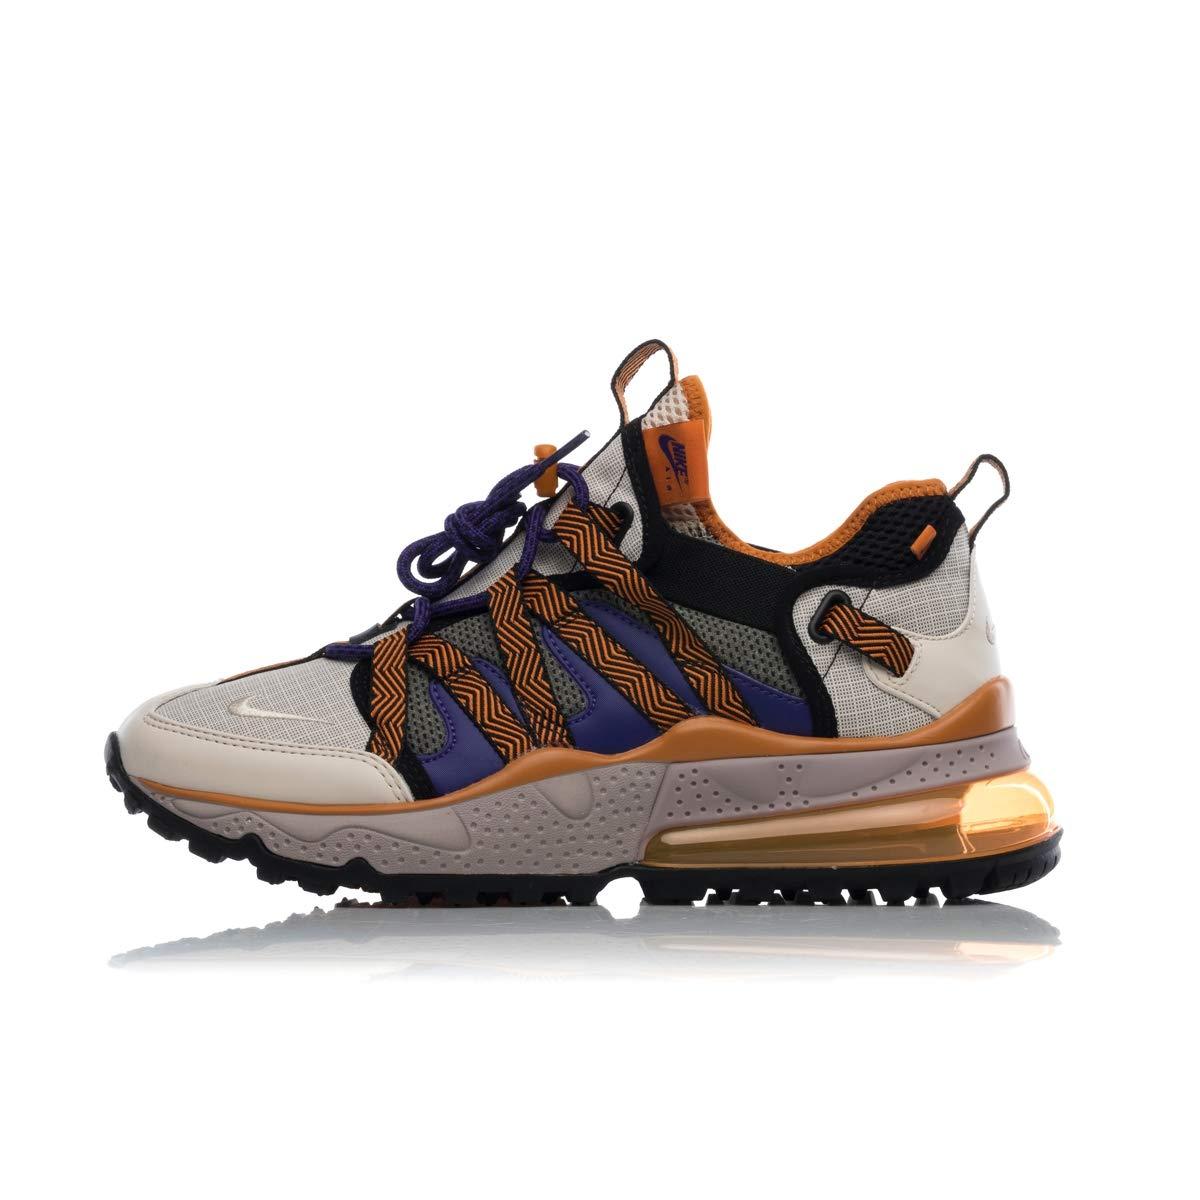 Nike Air Max 270 Bowfin Mens Shoes